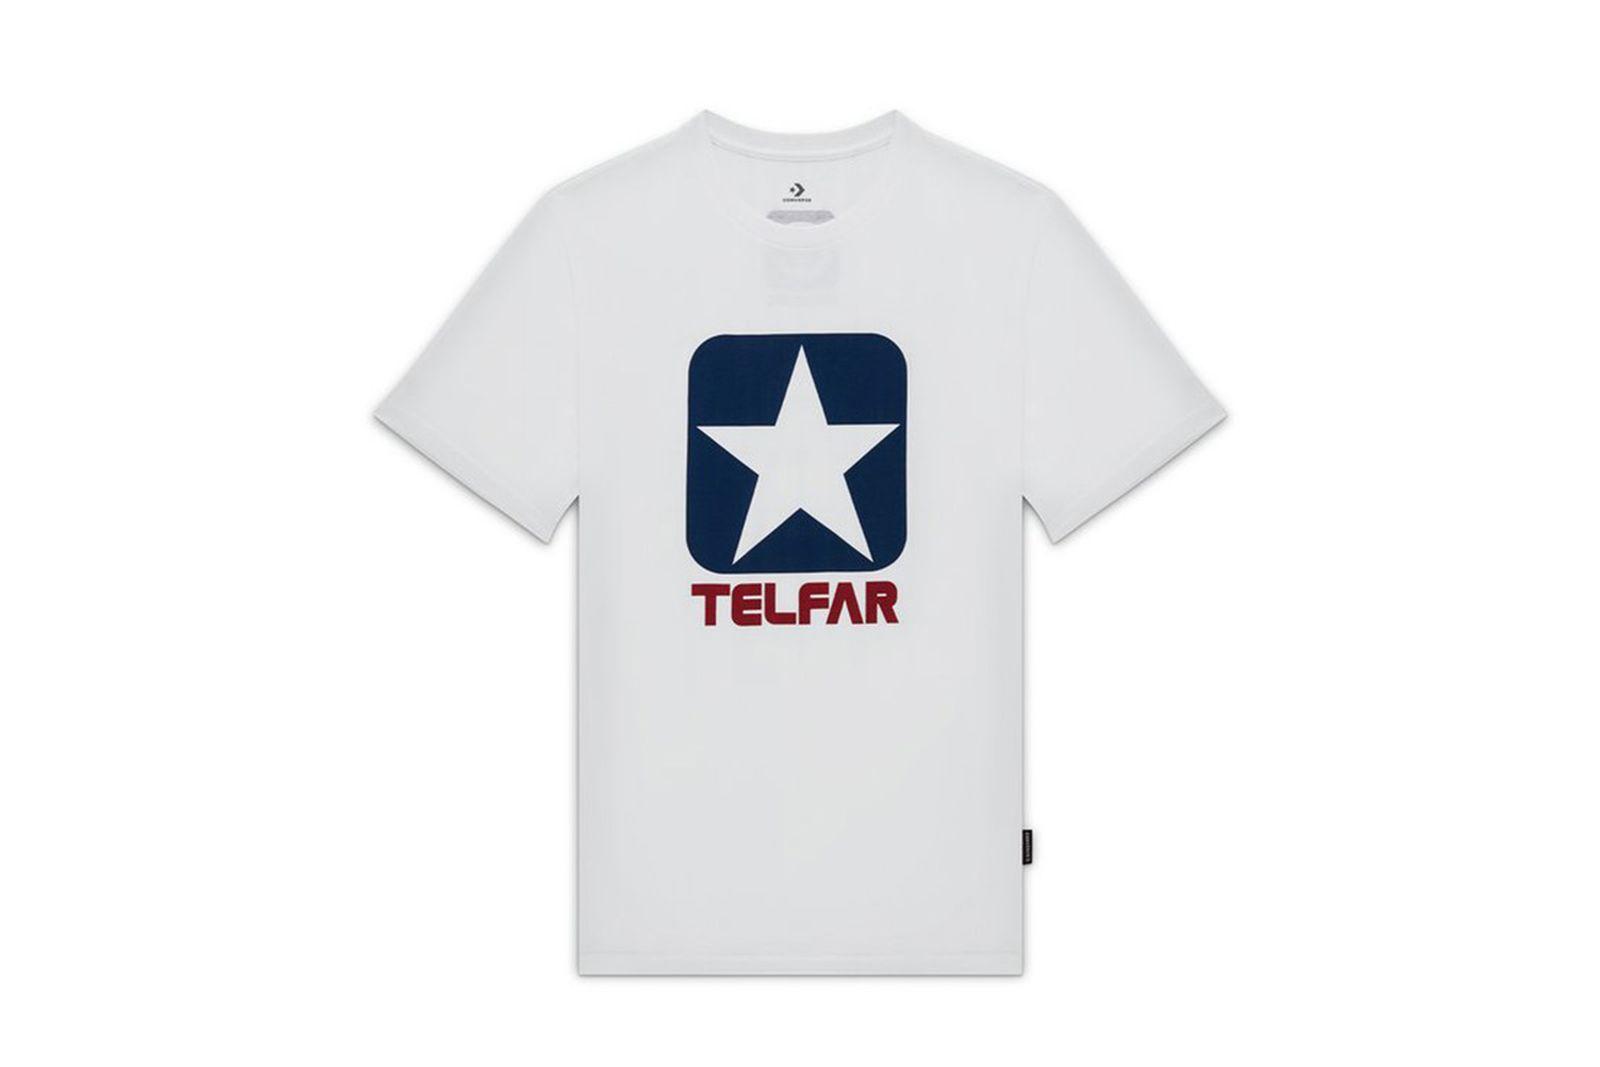 telfar-converse-pro-leather-release-date-price-04